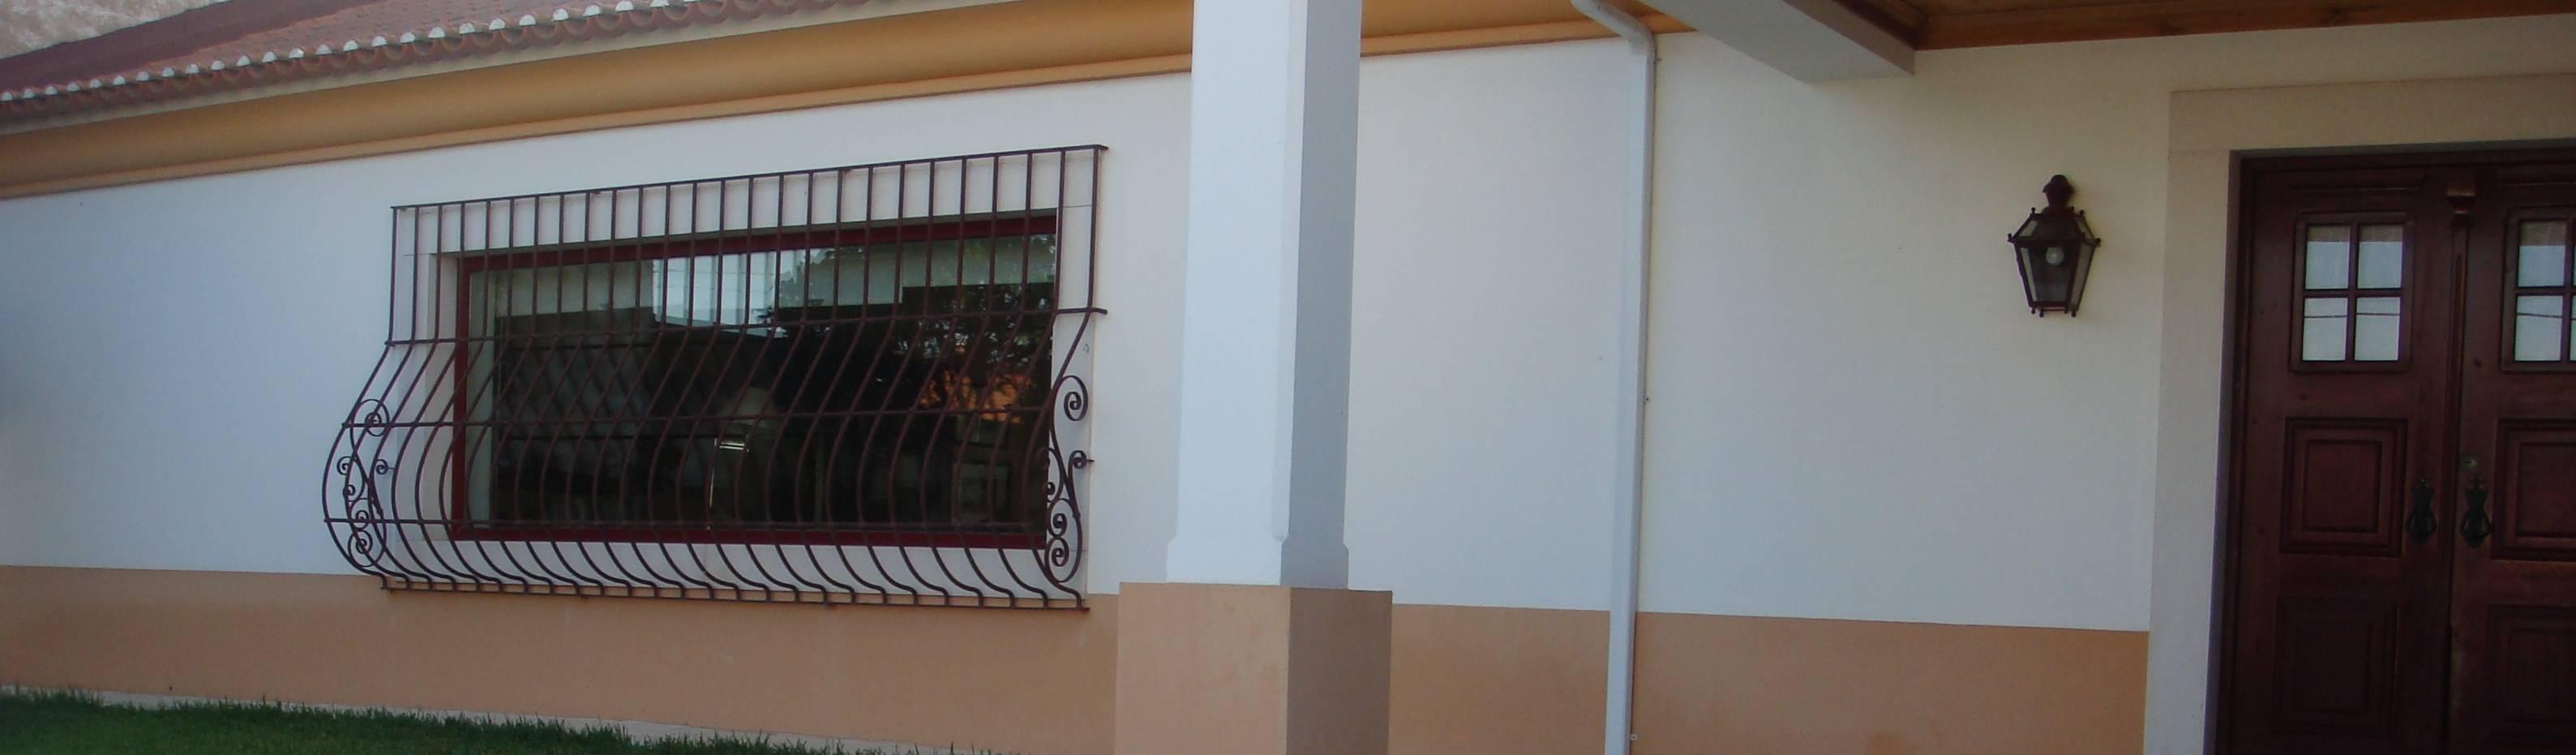 Gabiurbe, Imobiliária e Arquitetura, Lda